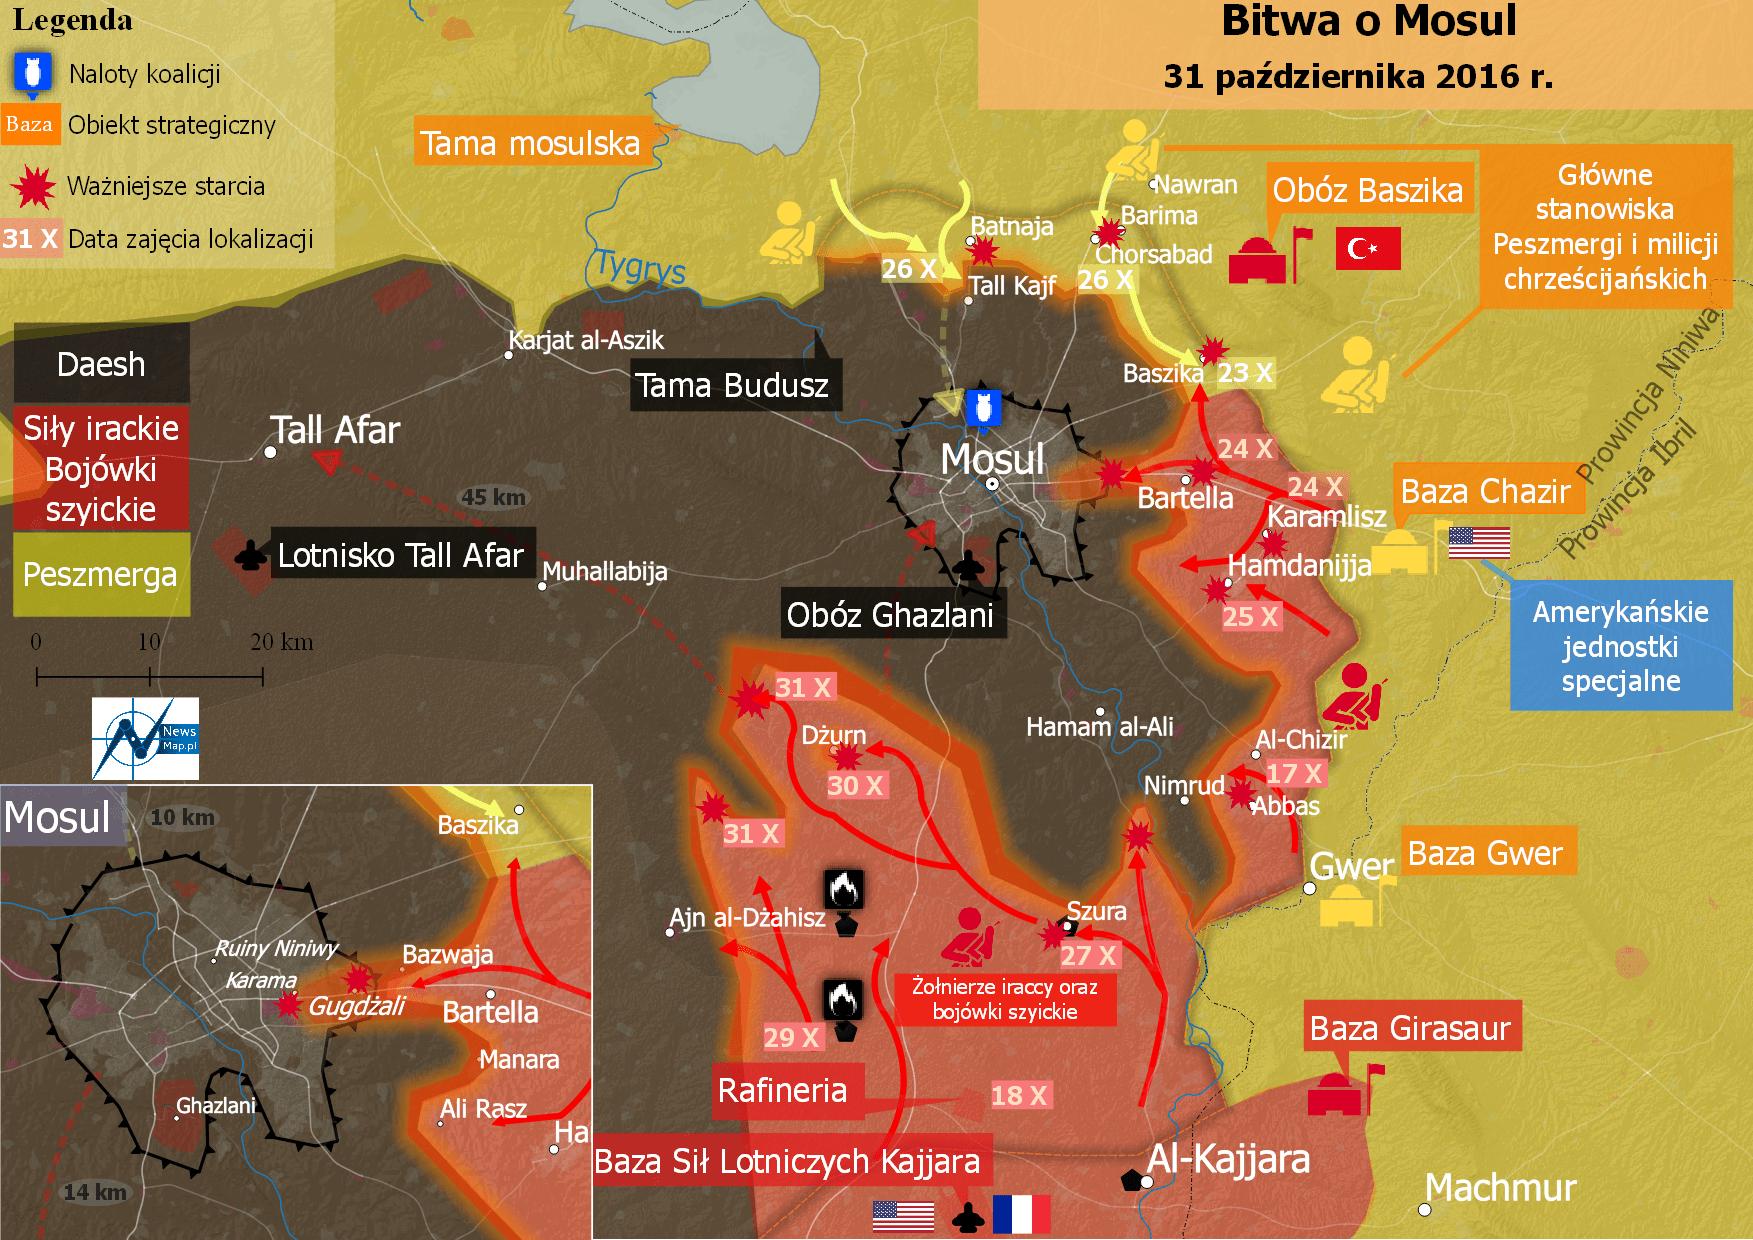 bitwa-o-mosul-31-pazdziernika-2016-r